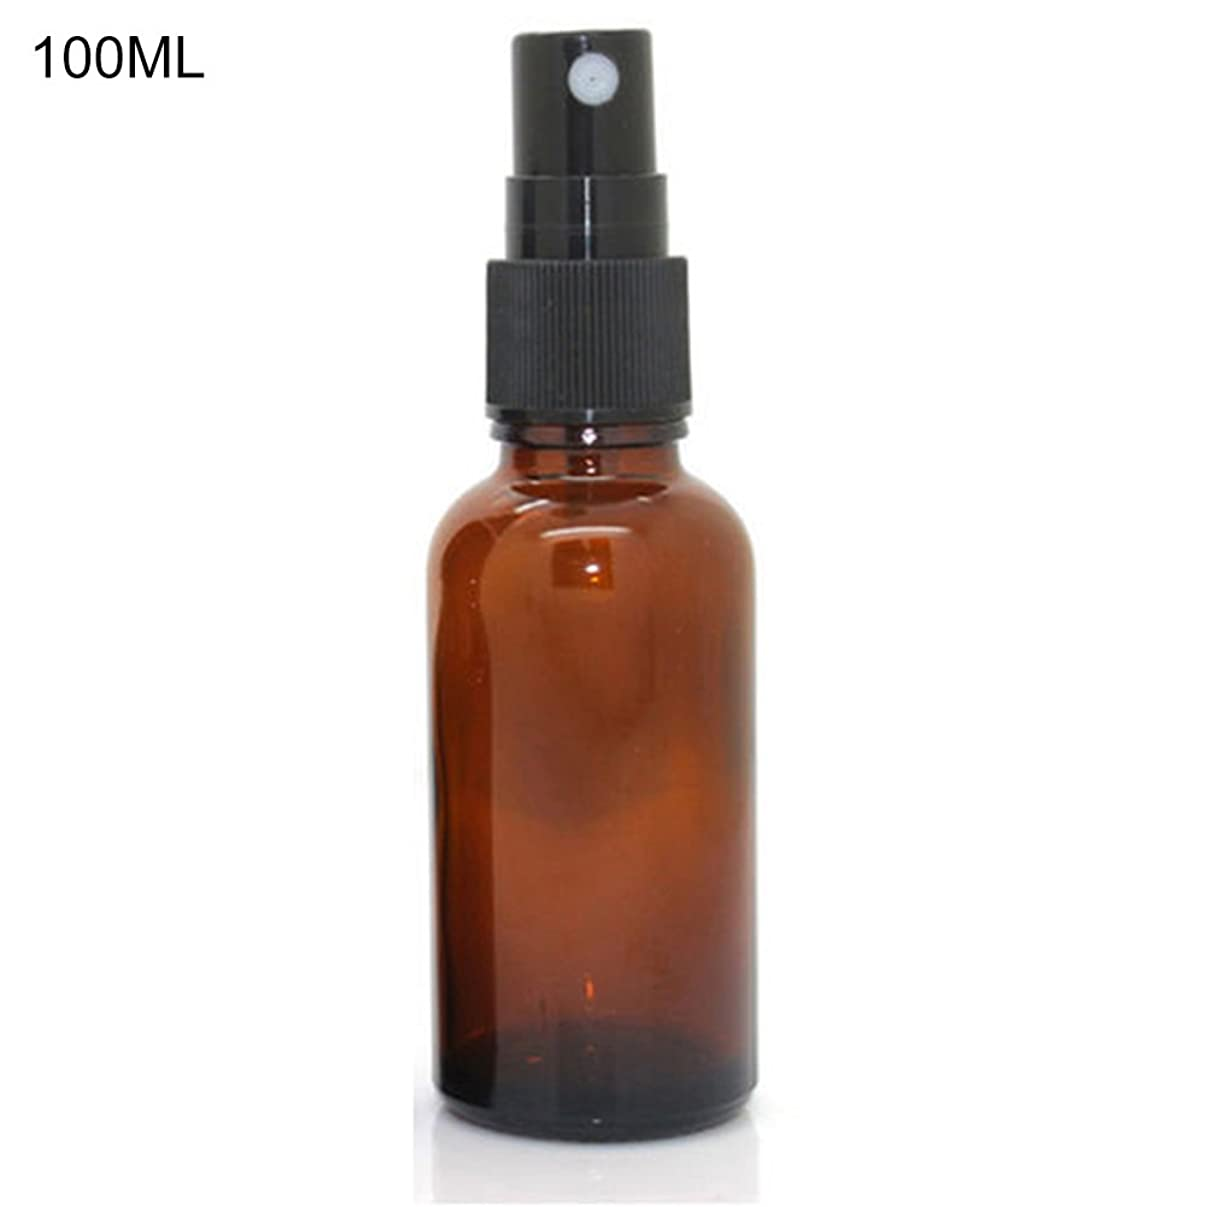 マニアック勤勉なこだわりhamulekfae-化粧品綺麗5ミリリットル-100ミリリットル美容空琥珀色のガラス瓶エッセンシャルオイルミストスプレーコンテナケース - 100ミリリットル